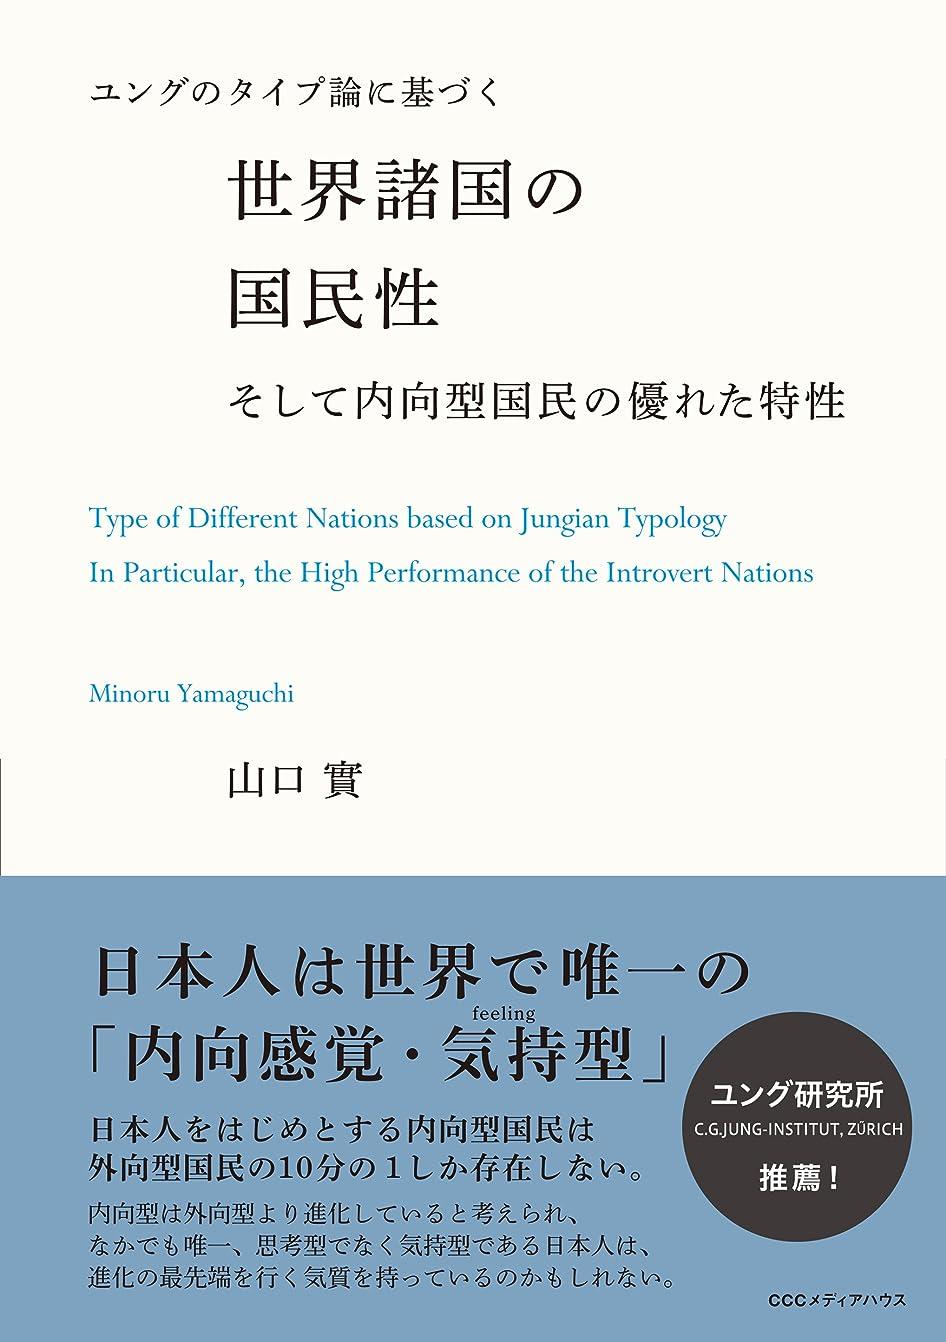 拒絶する長方形感じユングのタイプ論に基づく世界諸国の国民性 そして内向型国民の優れた特性